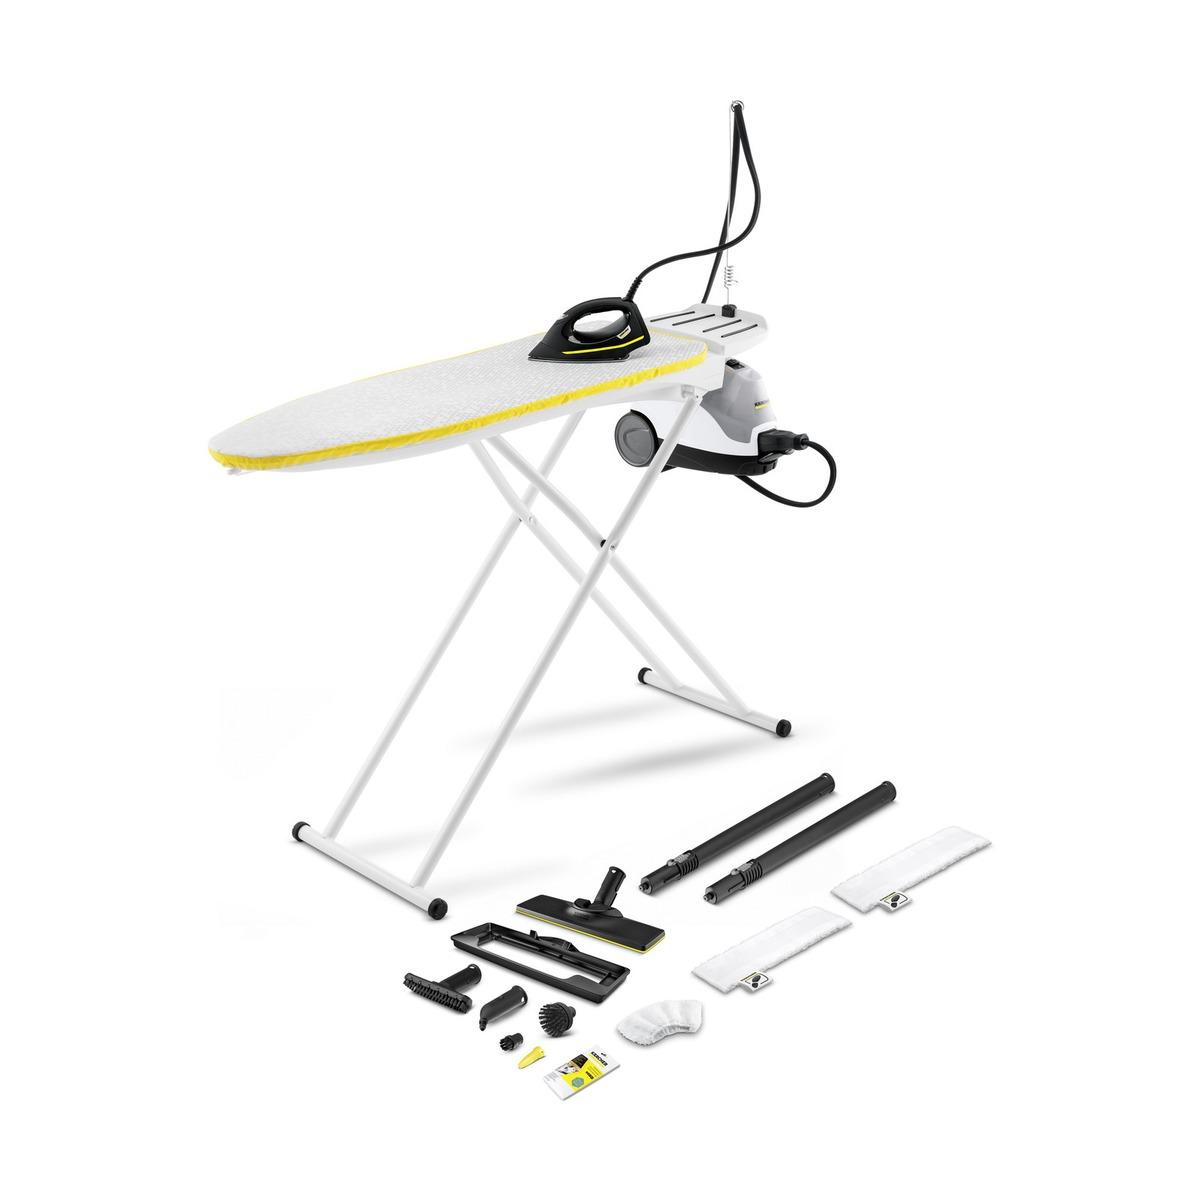 Karcher SI 4 EasyFix Premium Iron (met actieve strijkplank) Stoomreiniger